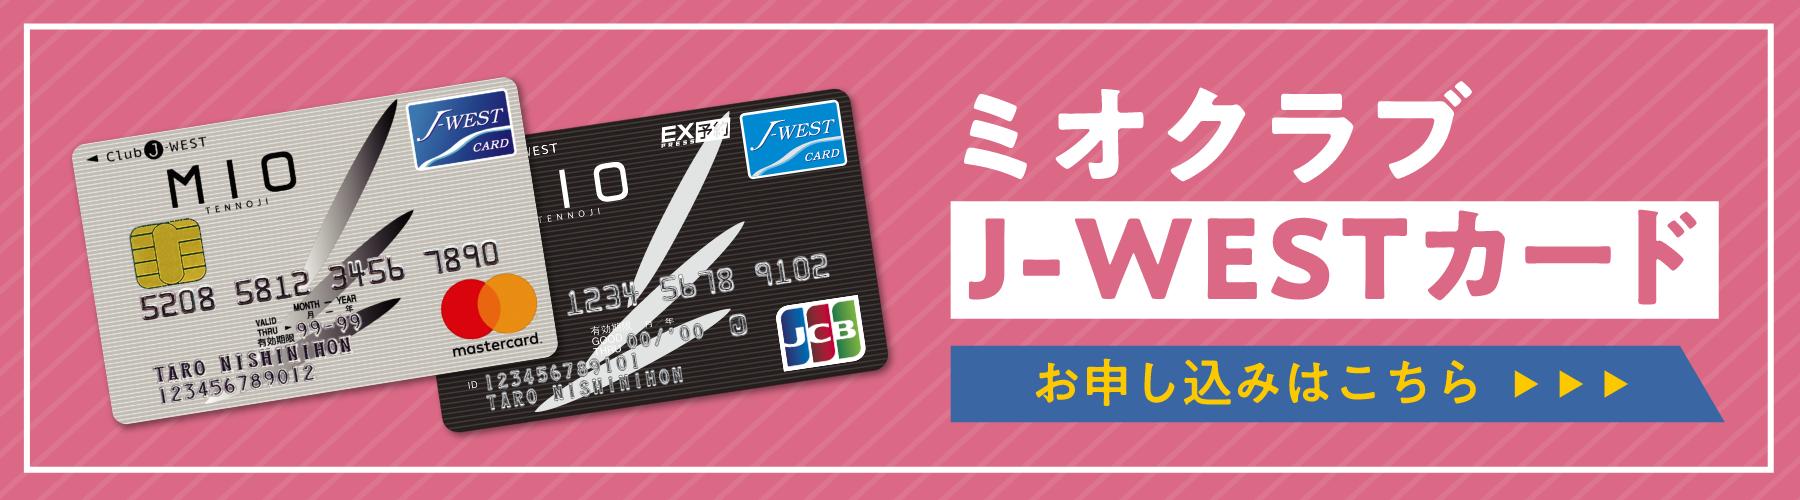 ミオクラブJ-WESTカード お申し込みはこちら